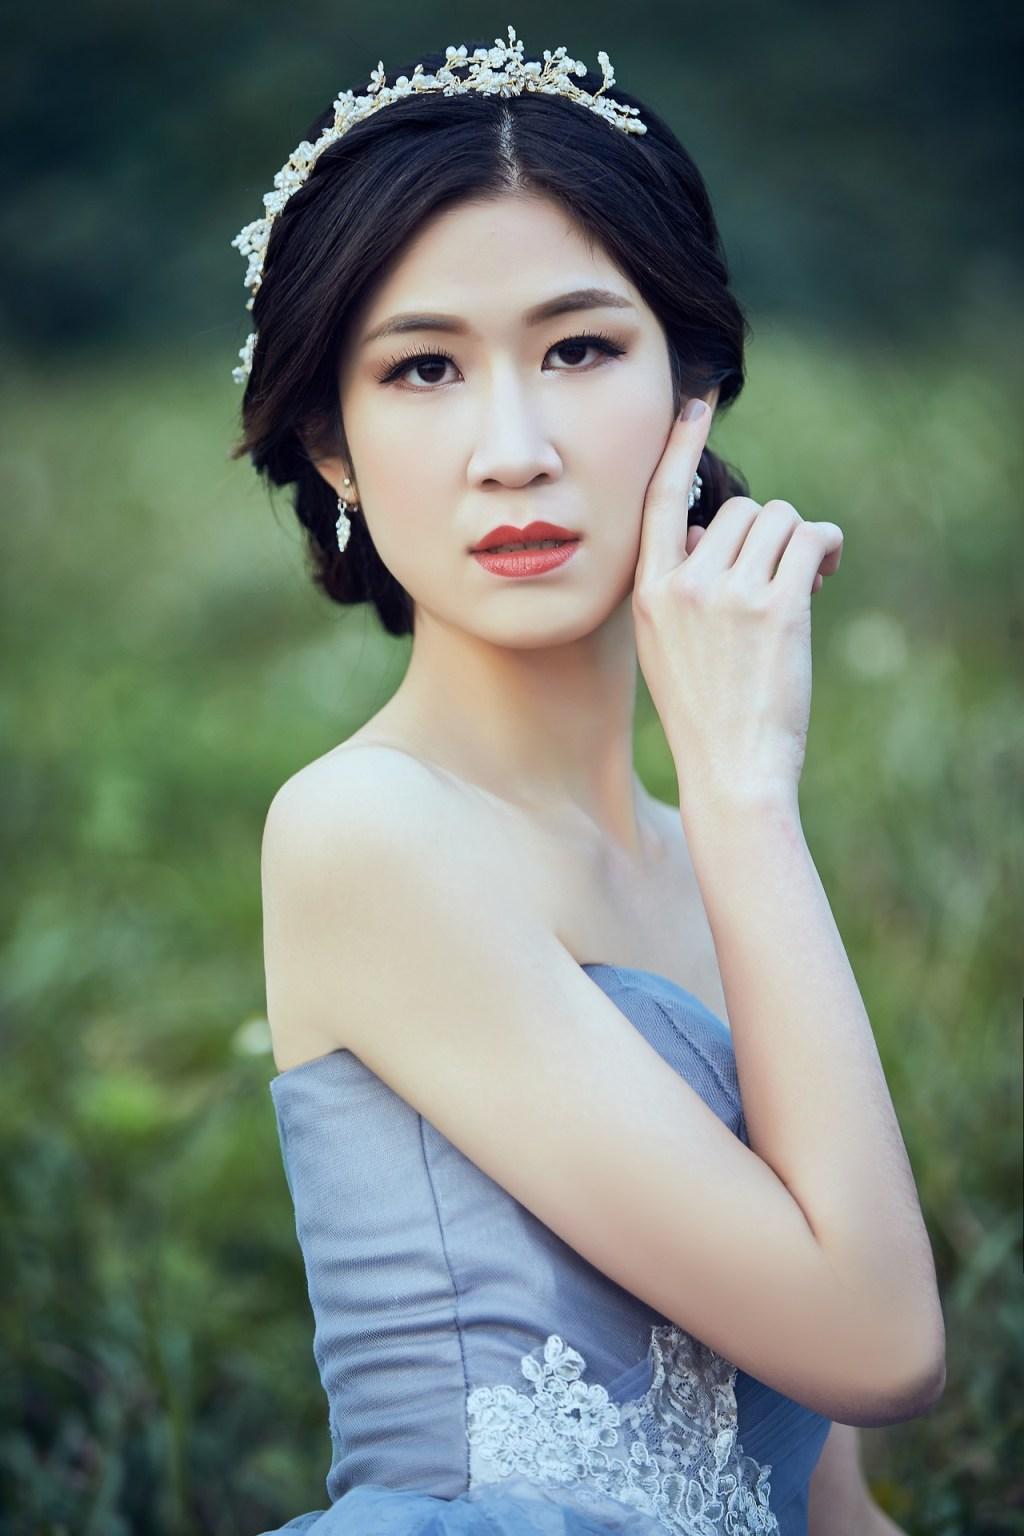 全家福攝影 | 時尚母女 (23)